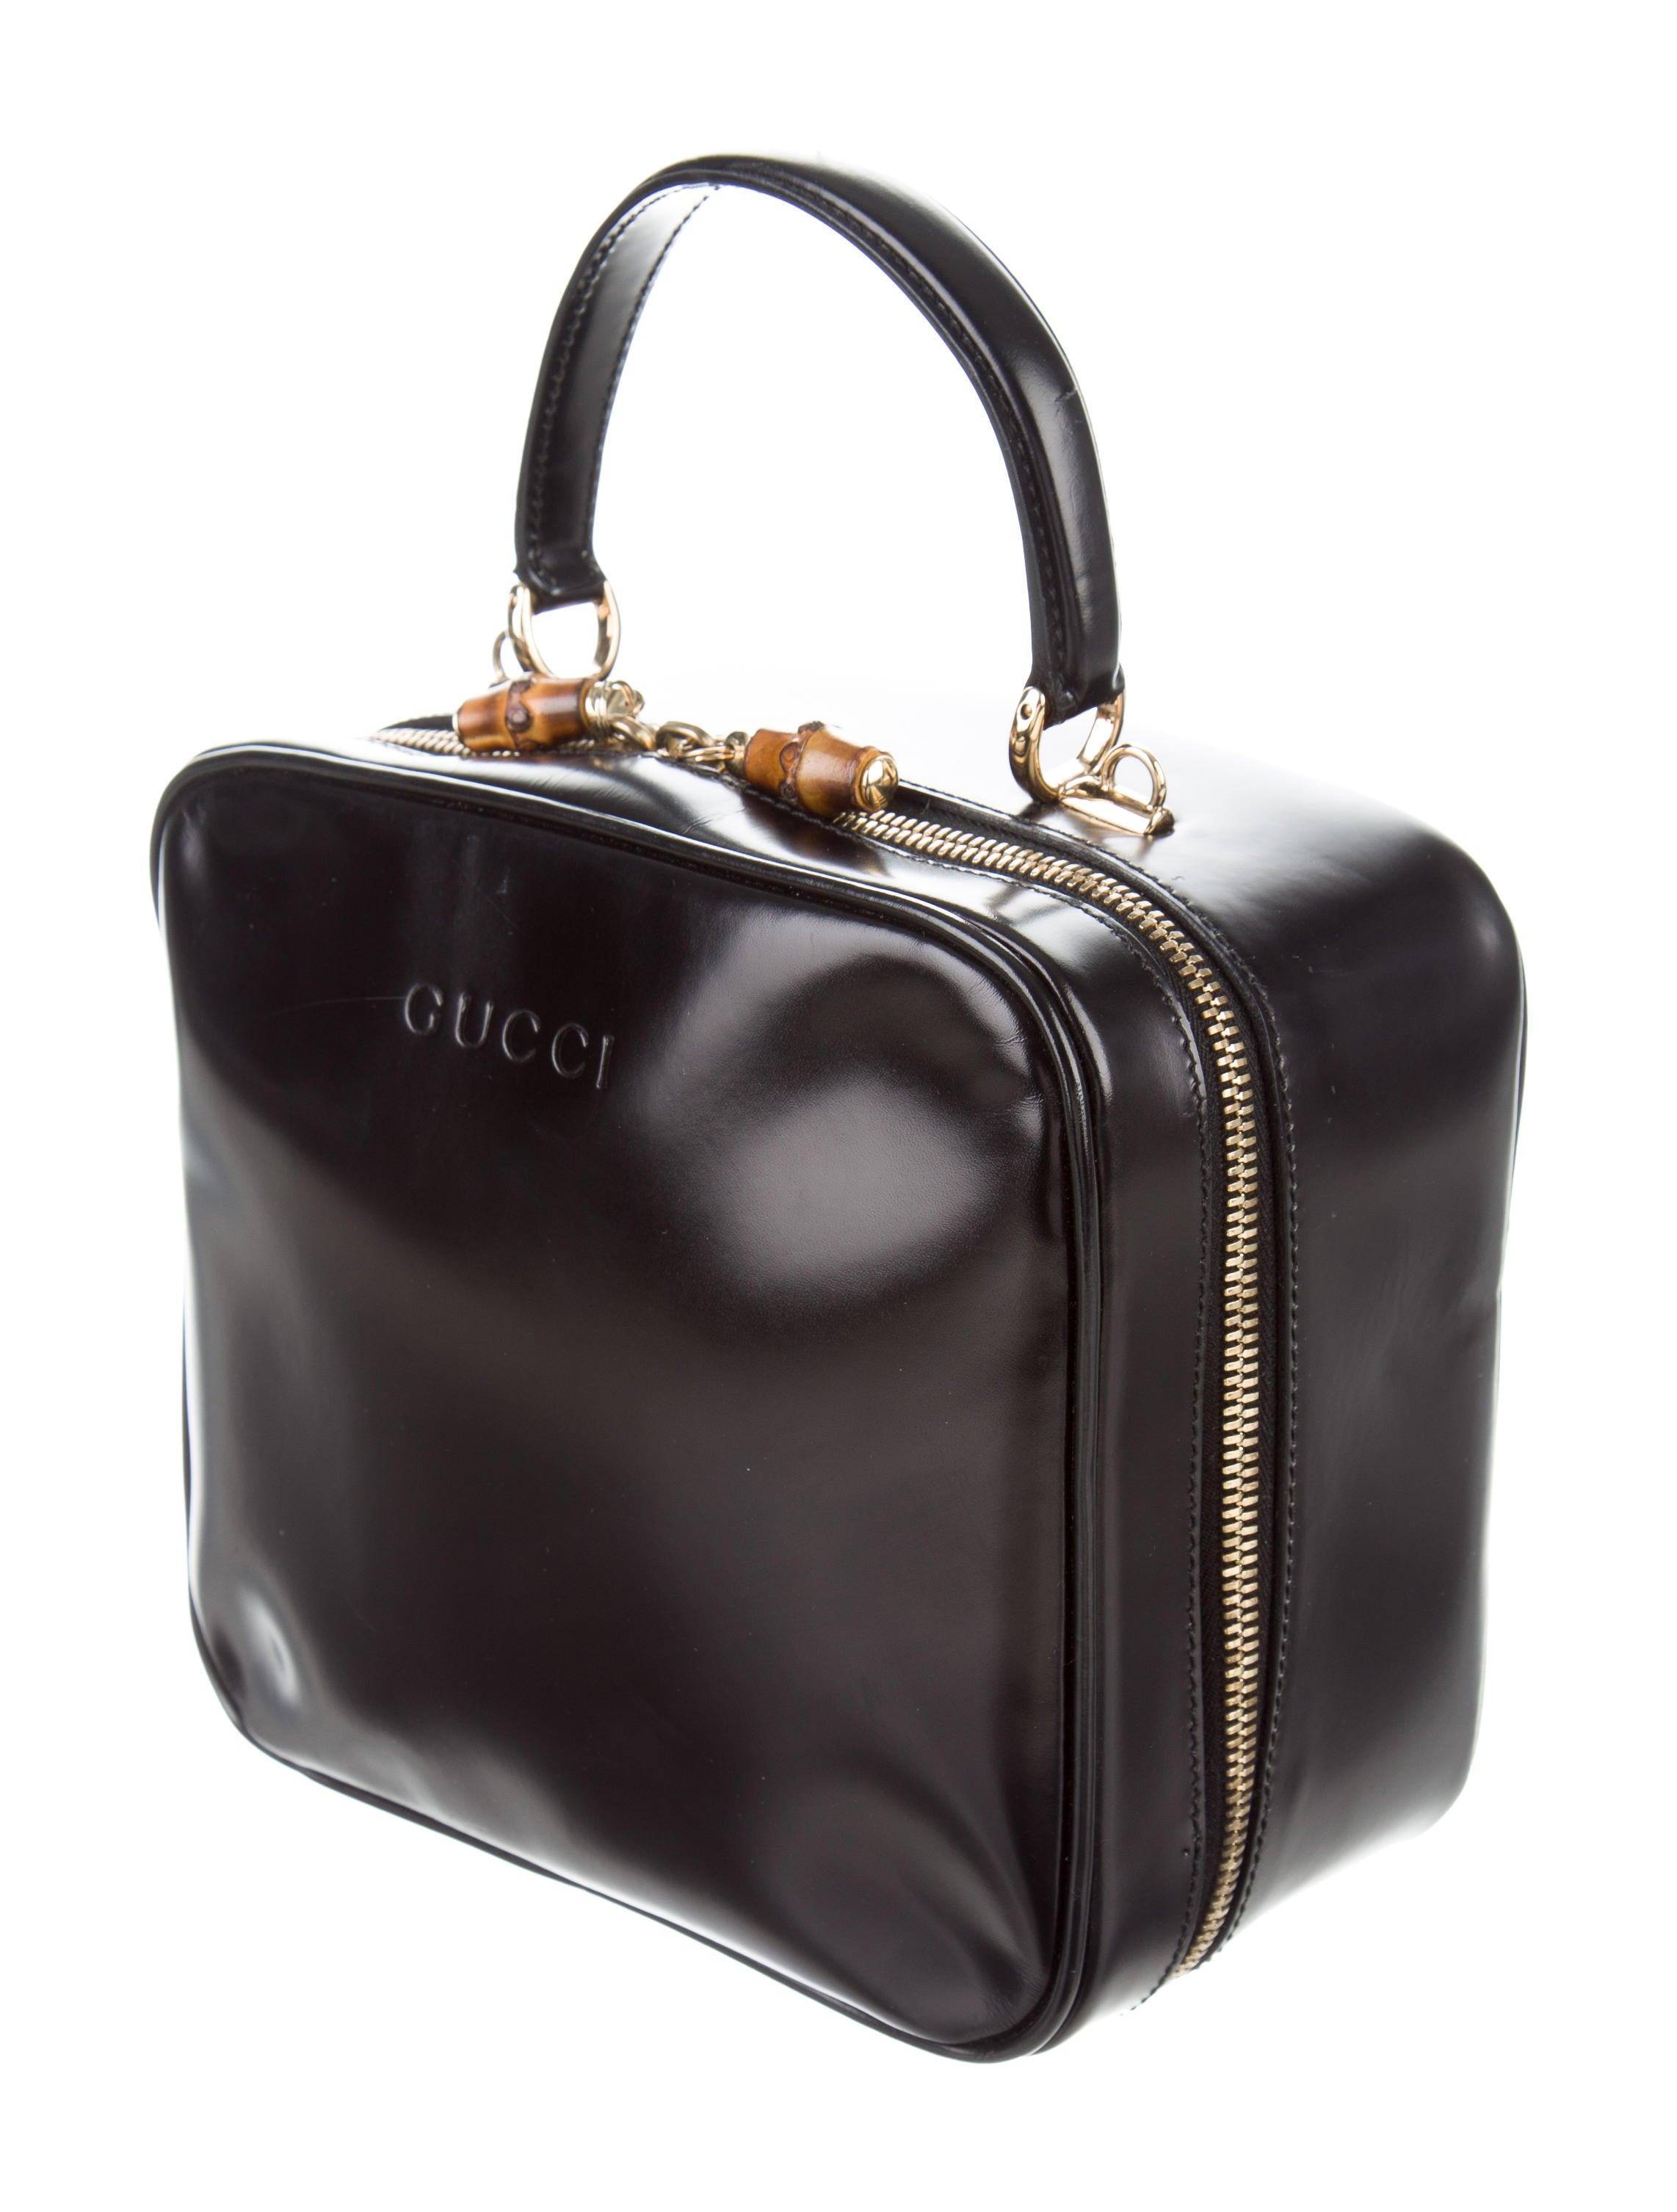 Gucci Vintage Top Handle Bag - Handbags